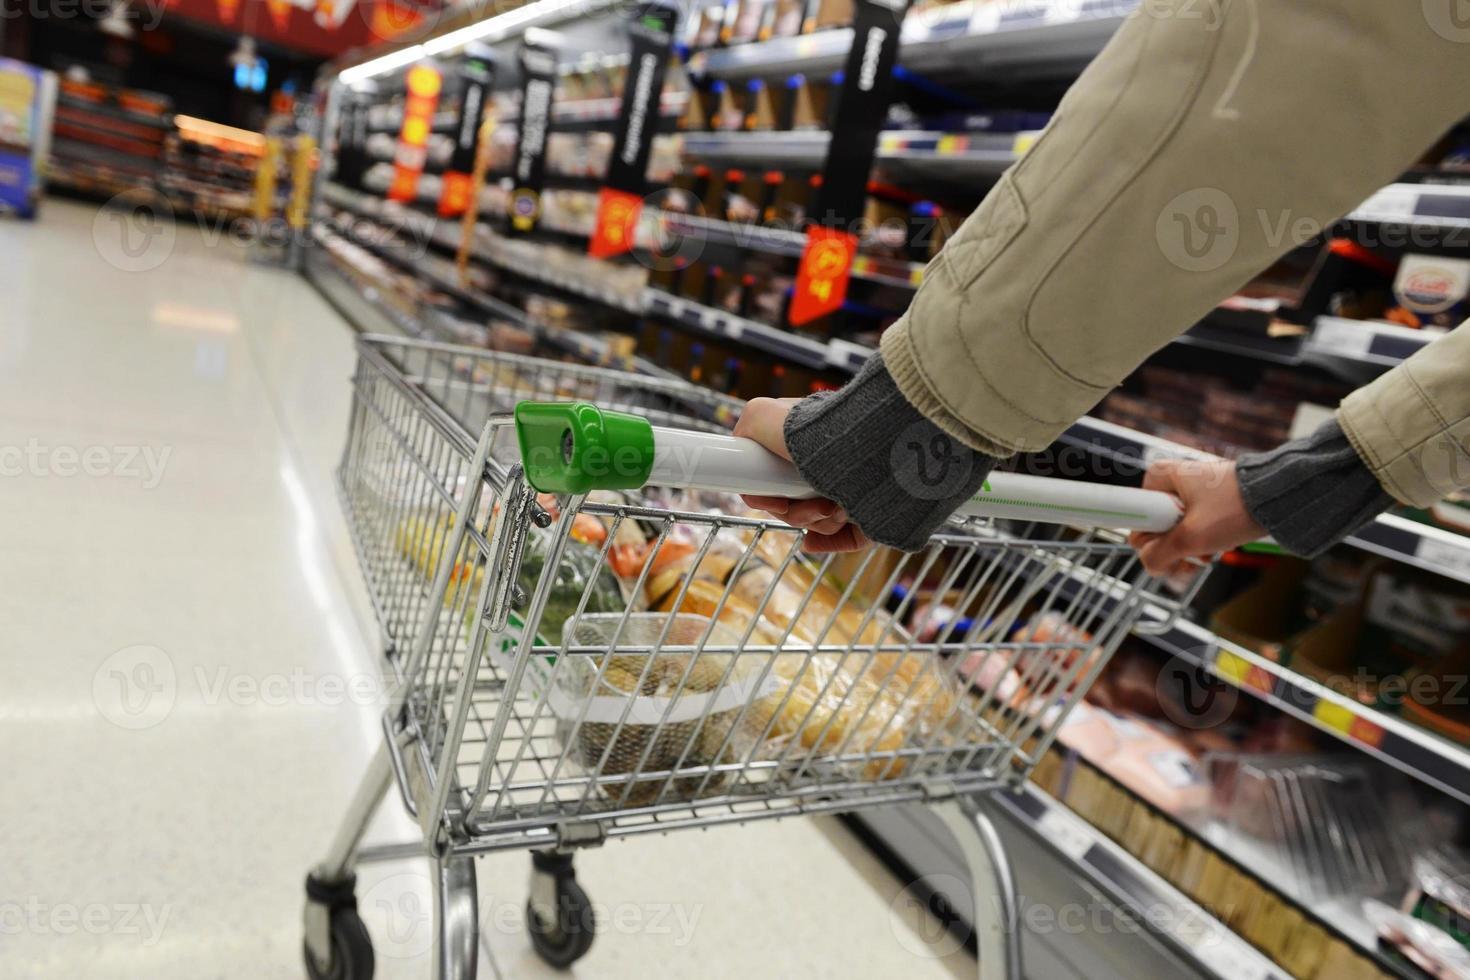 vista de pasillo de supermercado foto